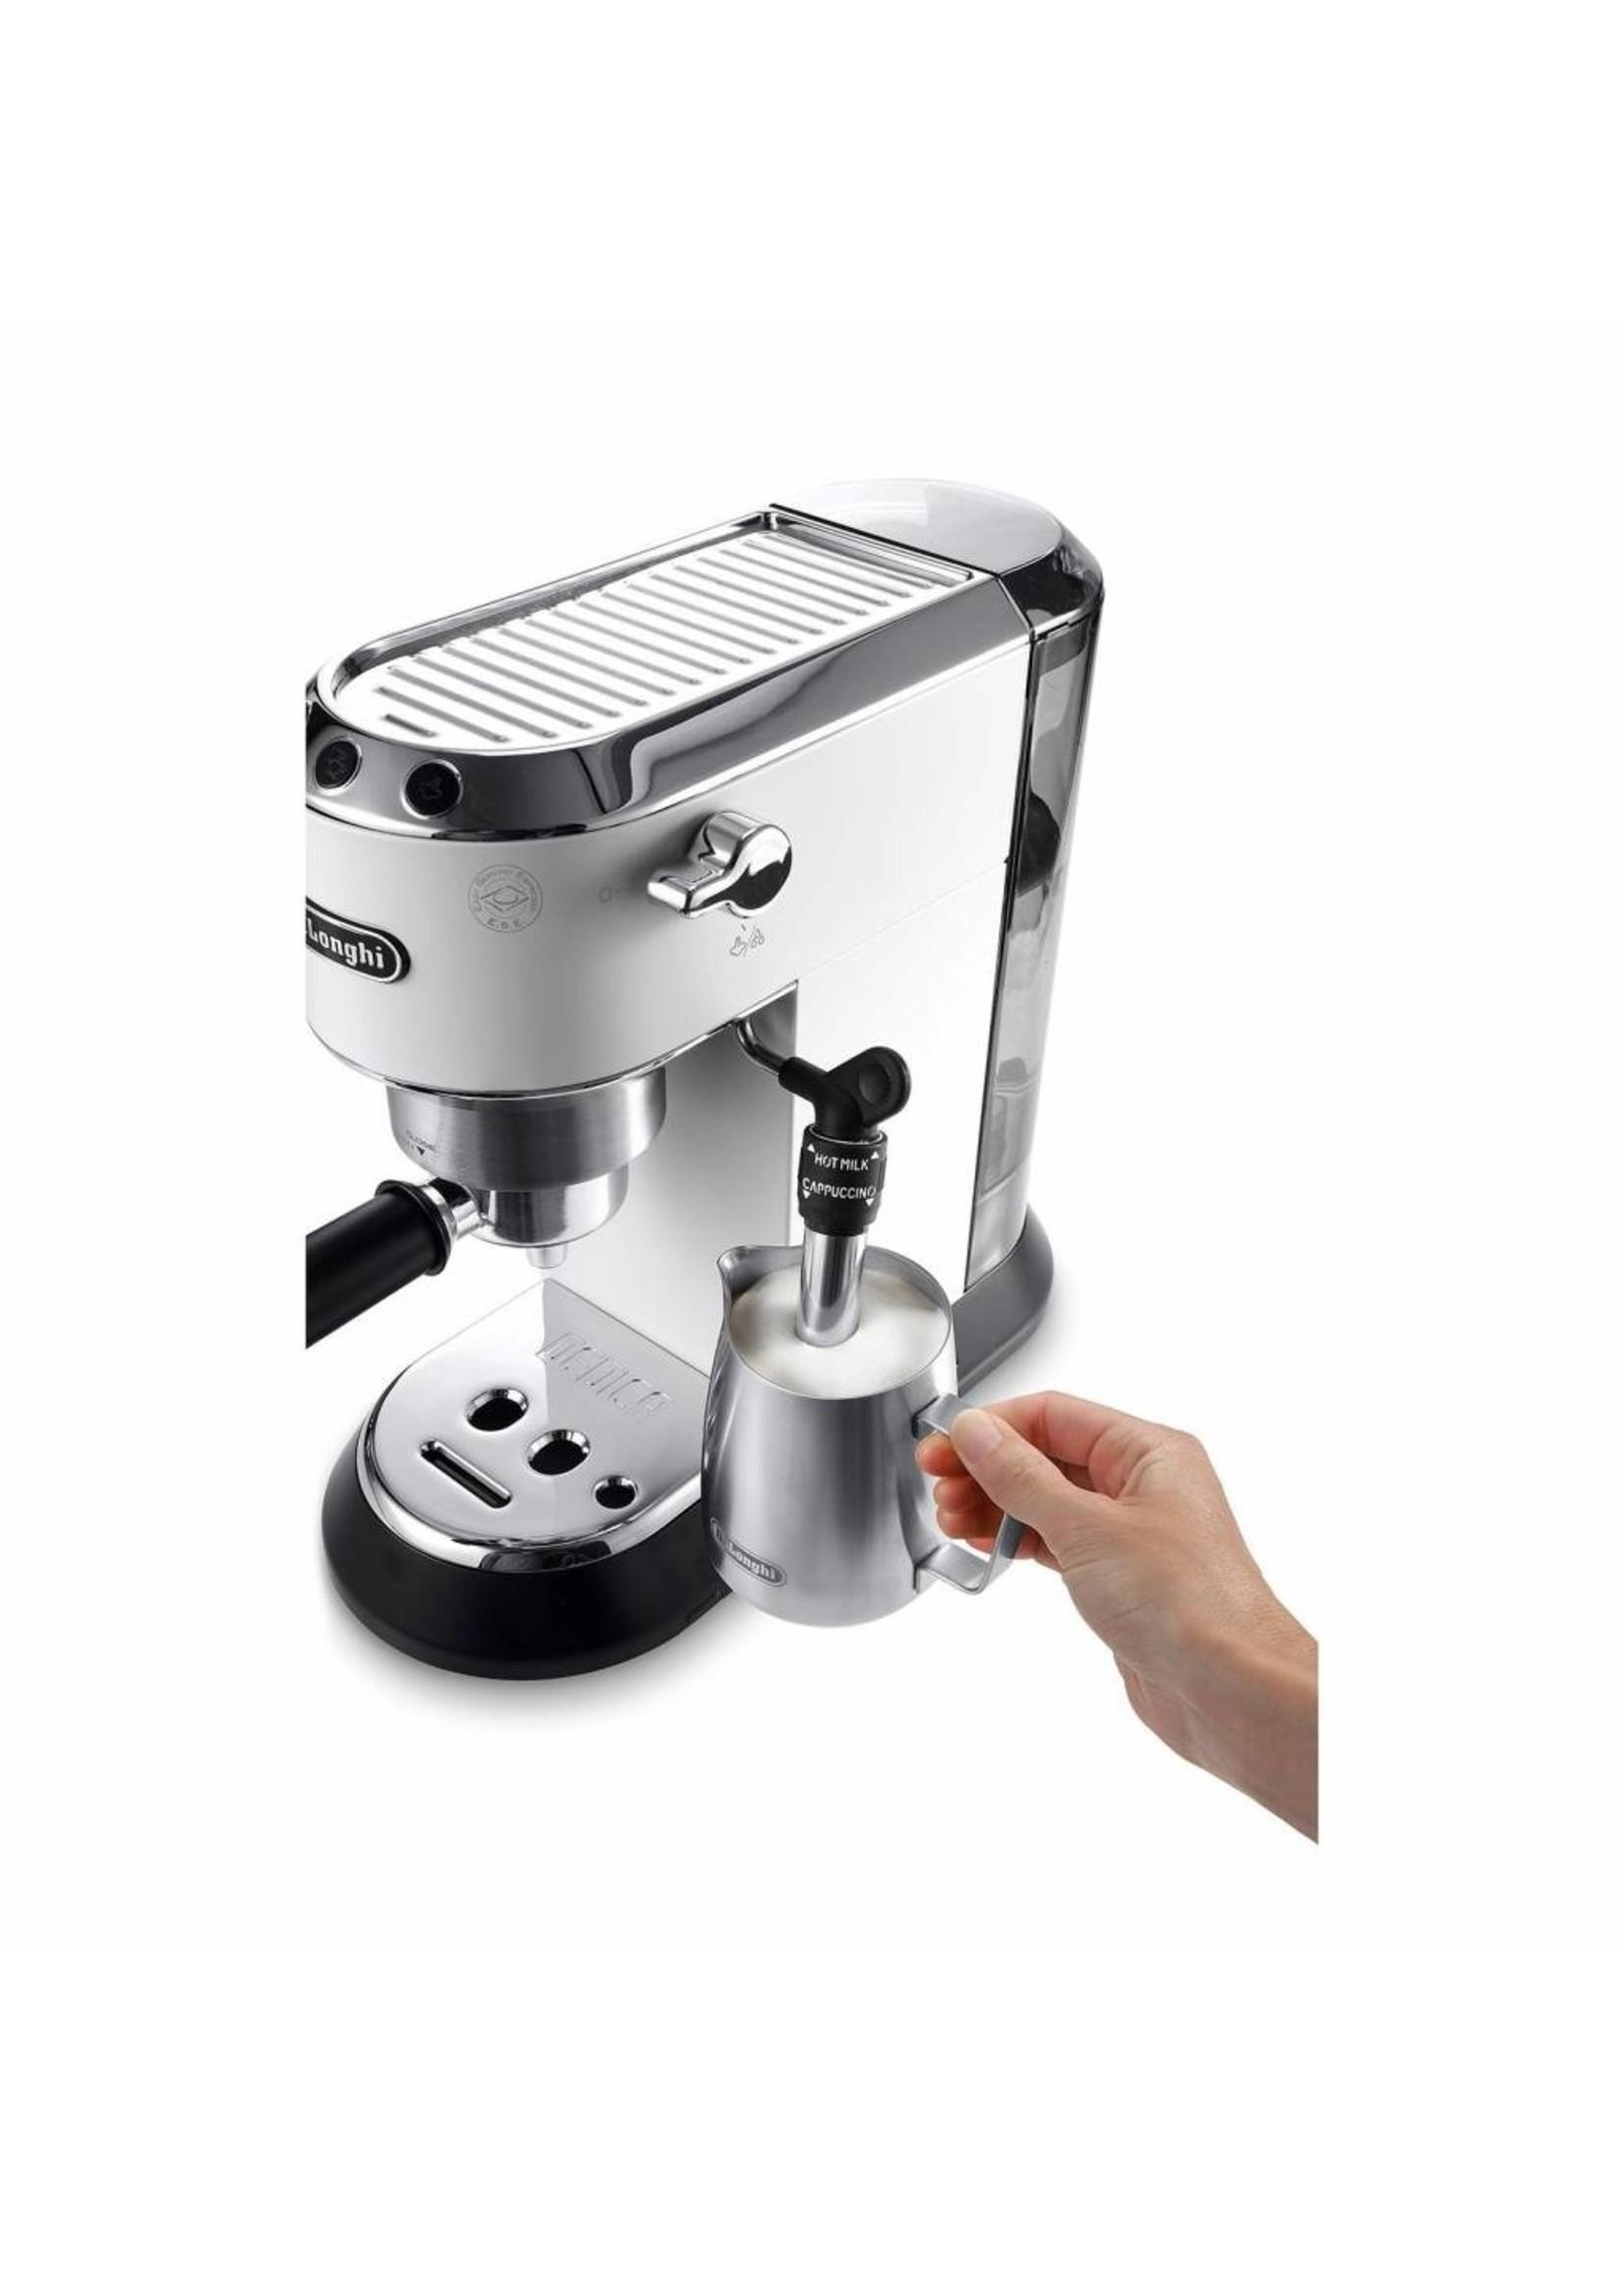 DeLonghi DeLonghi Dedica EC685.W Pistonmachine Espressoapparaat Wit